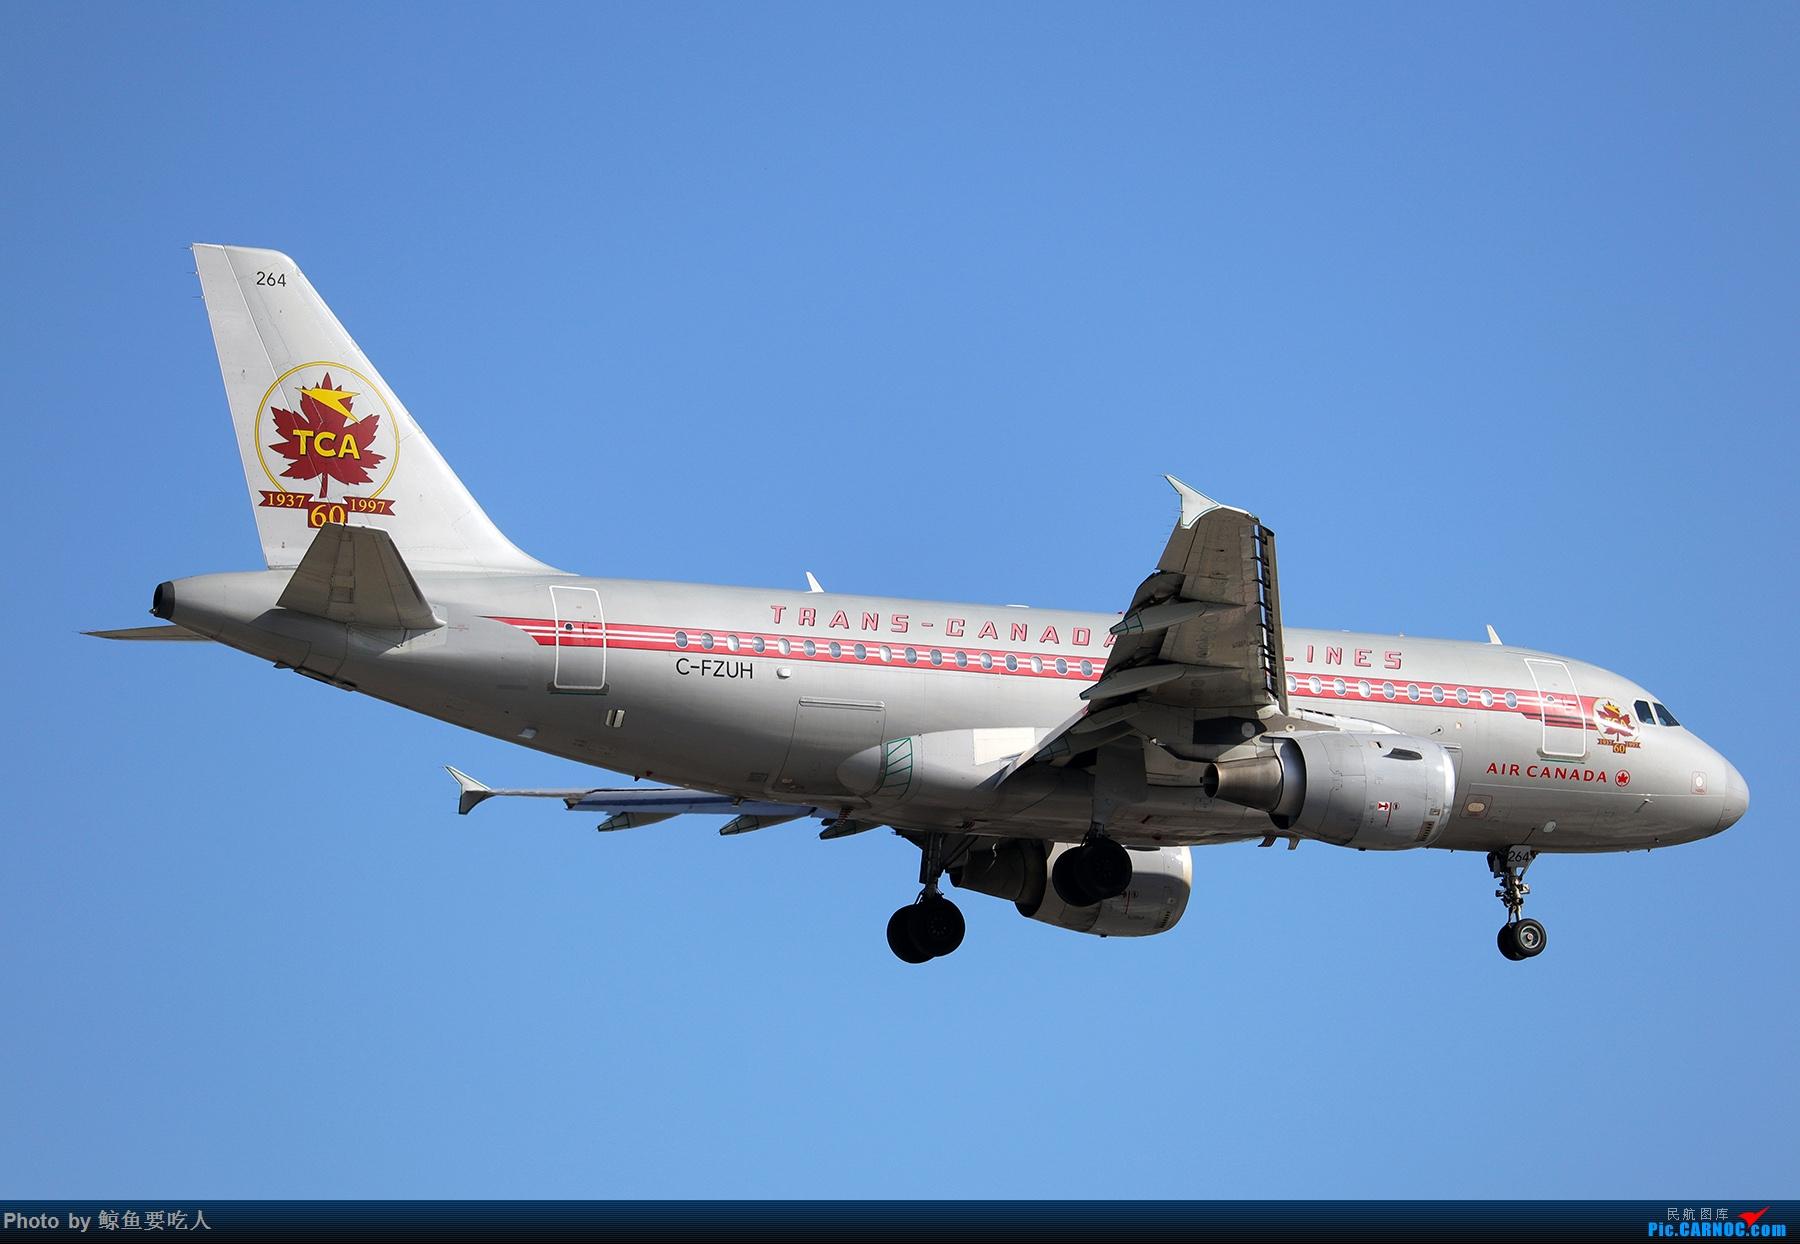 Re:[原创]【多图党】见证疫情后逐步的恢复,加拿大夏日多伦多皮尔逊机场拍机~ 乐见诸航空公司复航多伦多 AIRBUS A319-100 C-FZUH 多伦多皮尔逊国际机场